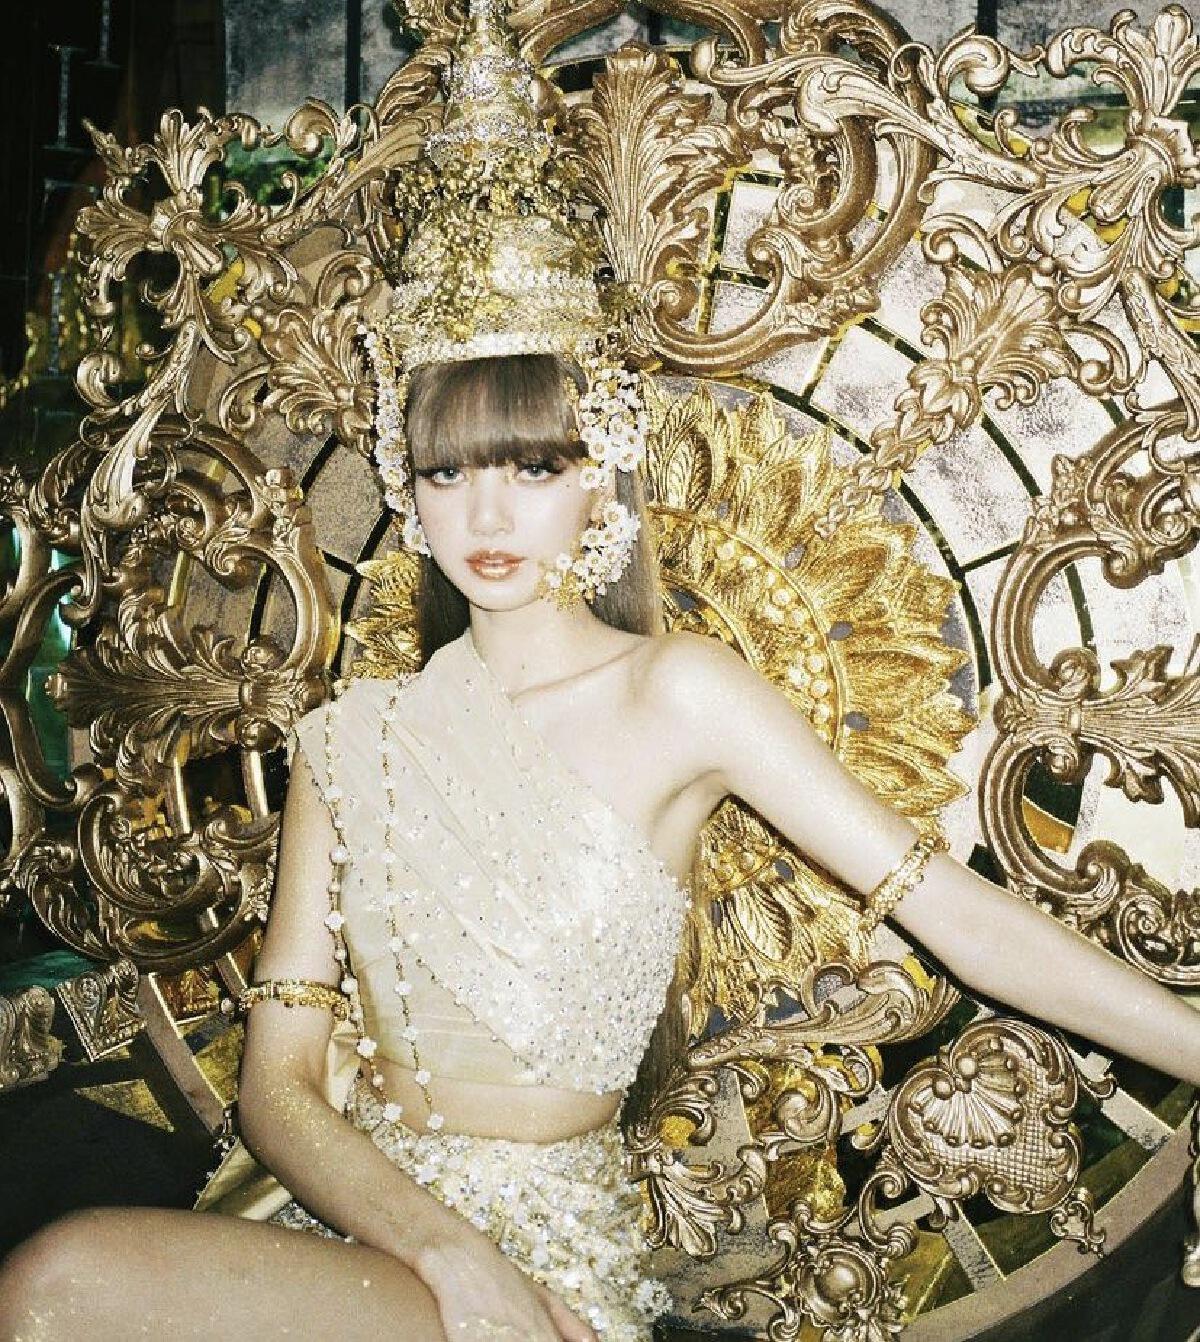 ลิซ่า BLACKPINK สร้างปรากฏการณ์ สวมผ้าไหม สะท้อนเอกลักษณ์ความเป็นไทย